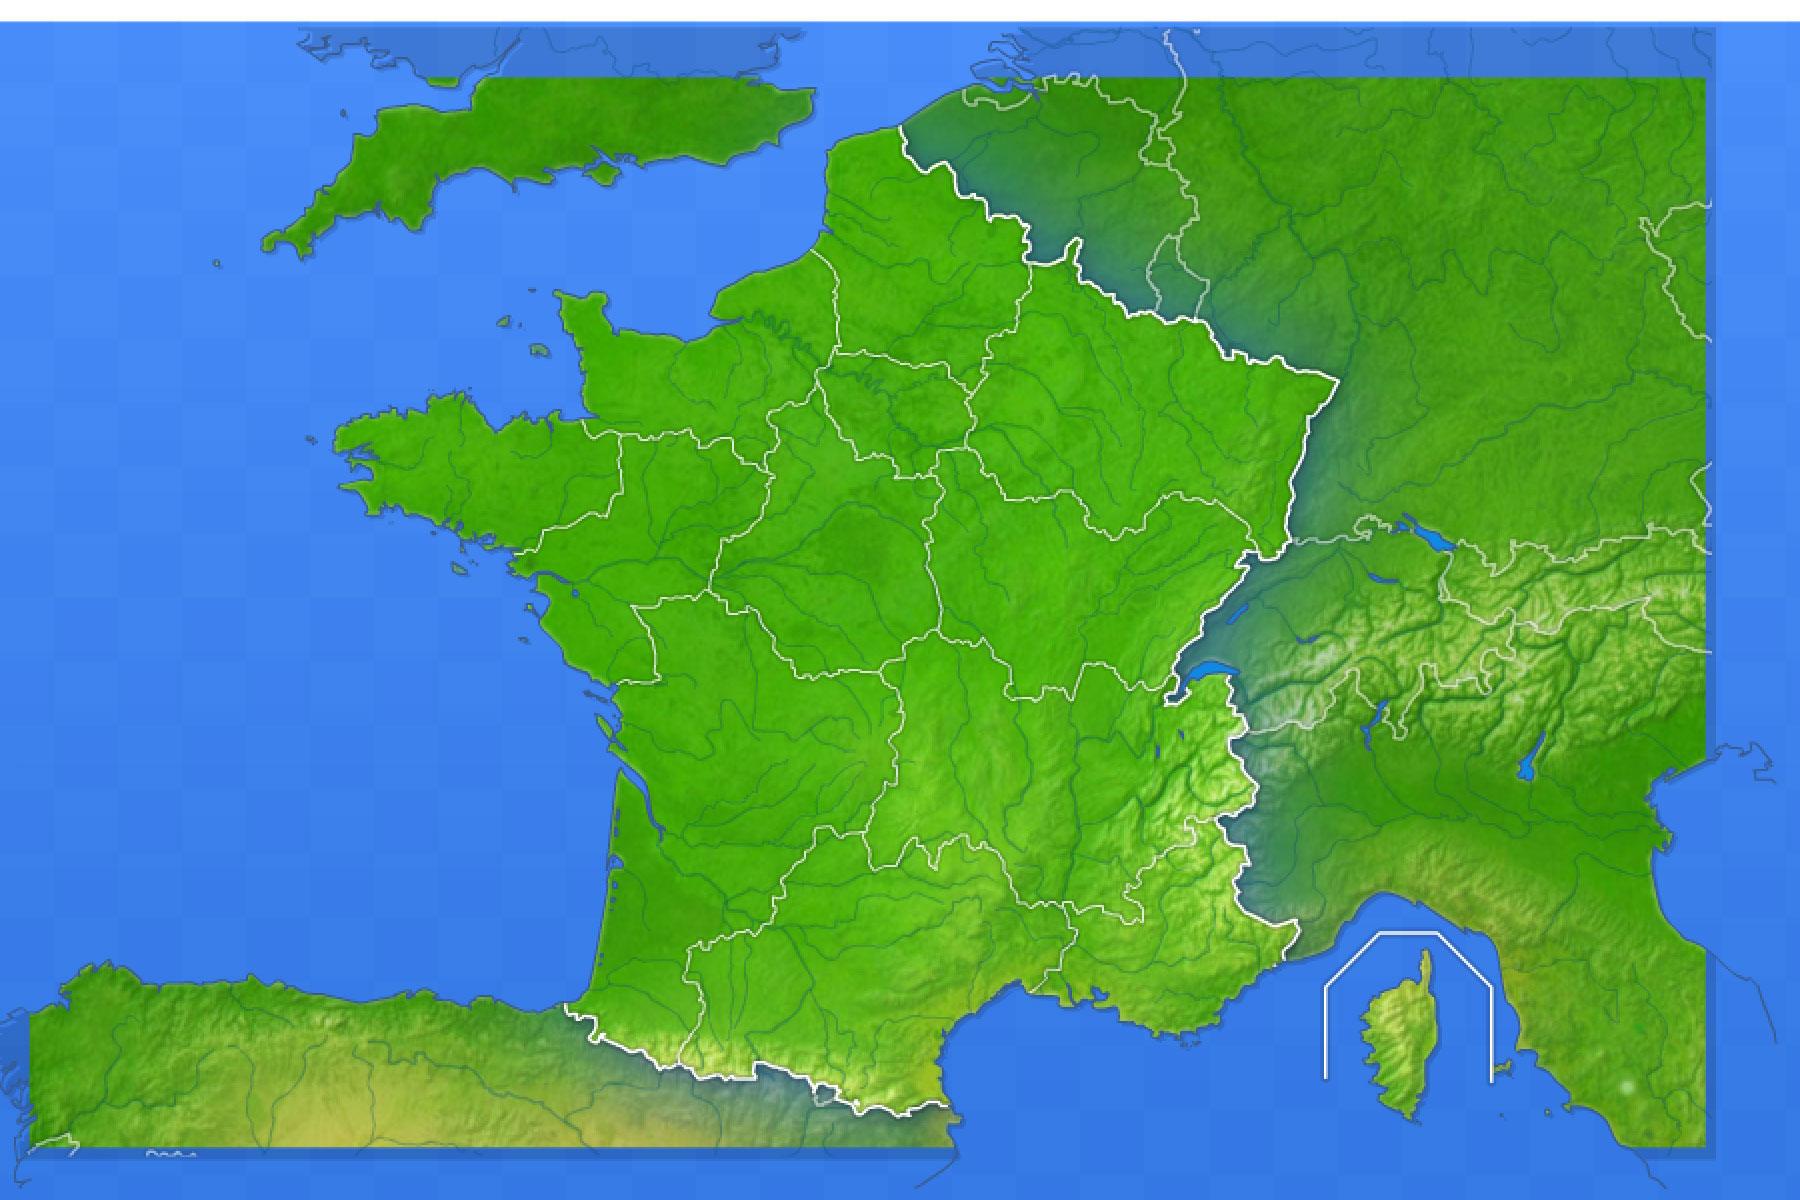 Jeux-Geographiques Jeux Gratuits Jeu Villes De France Junior destiné Quiz Régions De France